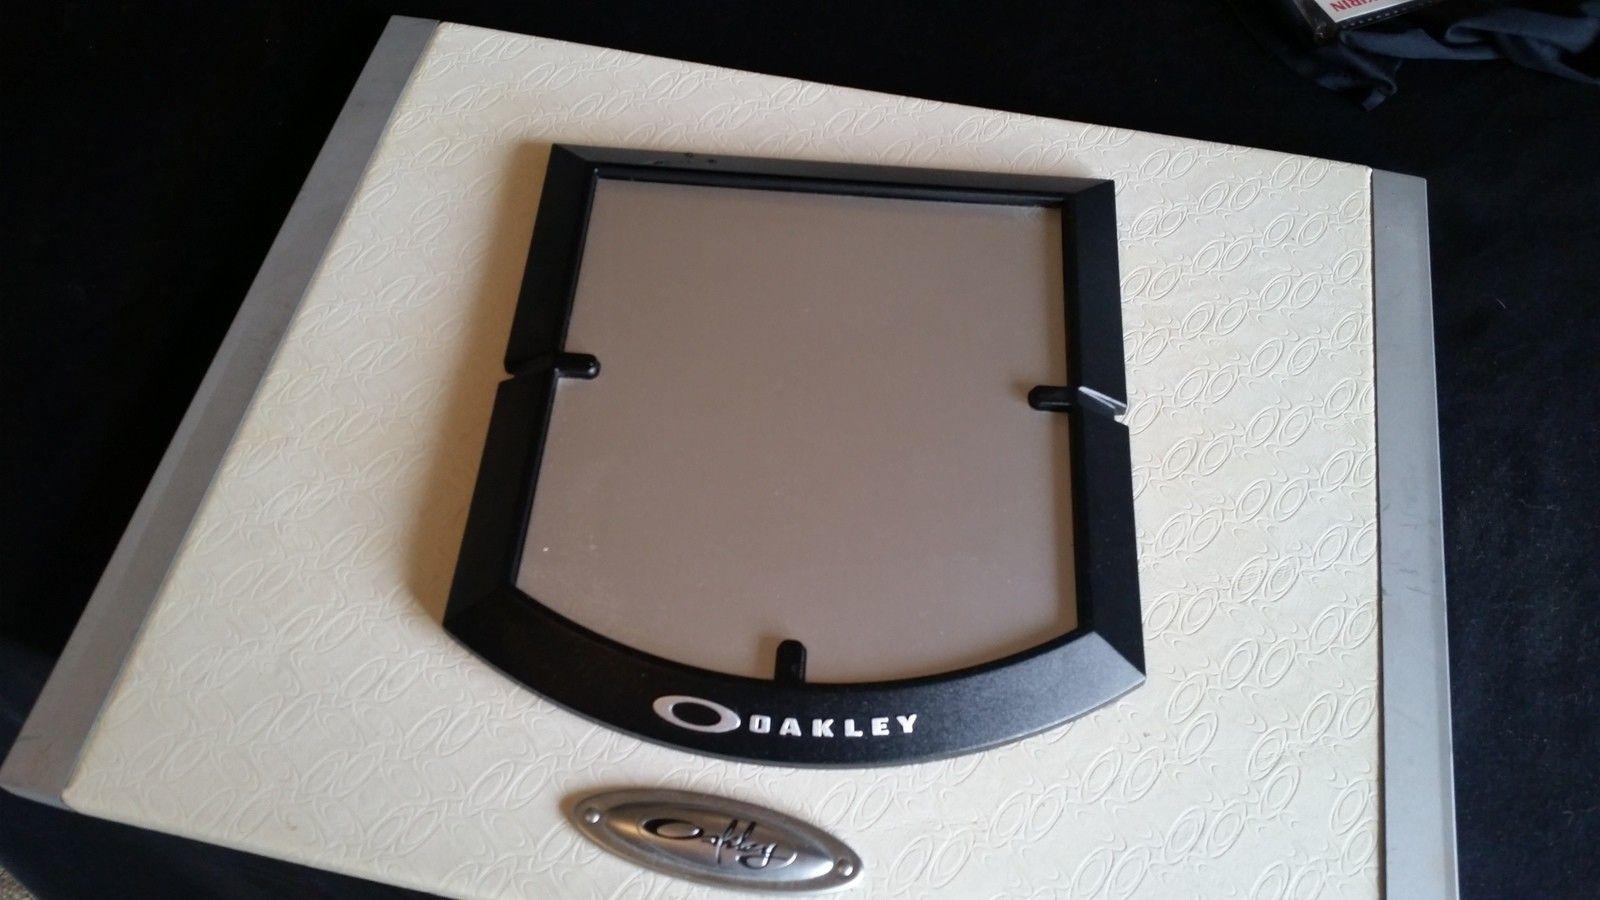 Oakley riser - uploadfromtaptalk1439677327265.jpg